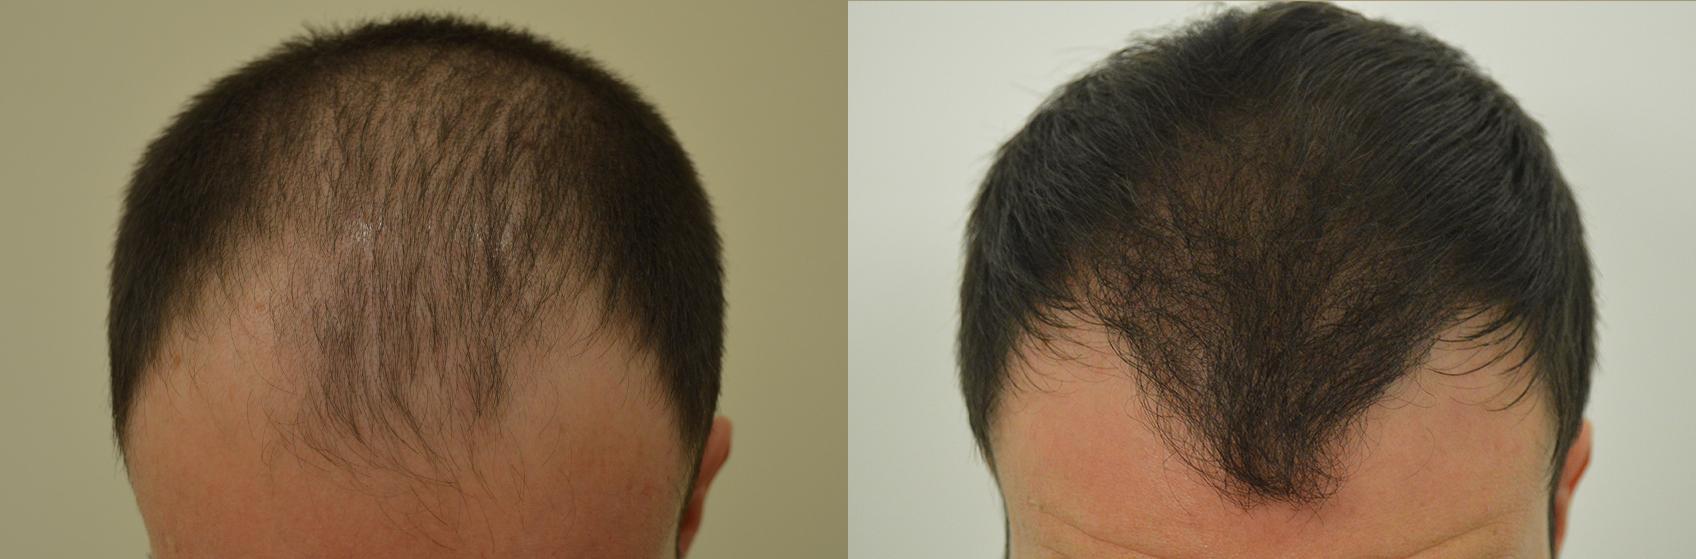 Perdita di capelli con una radice